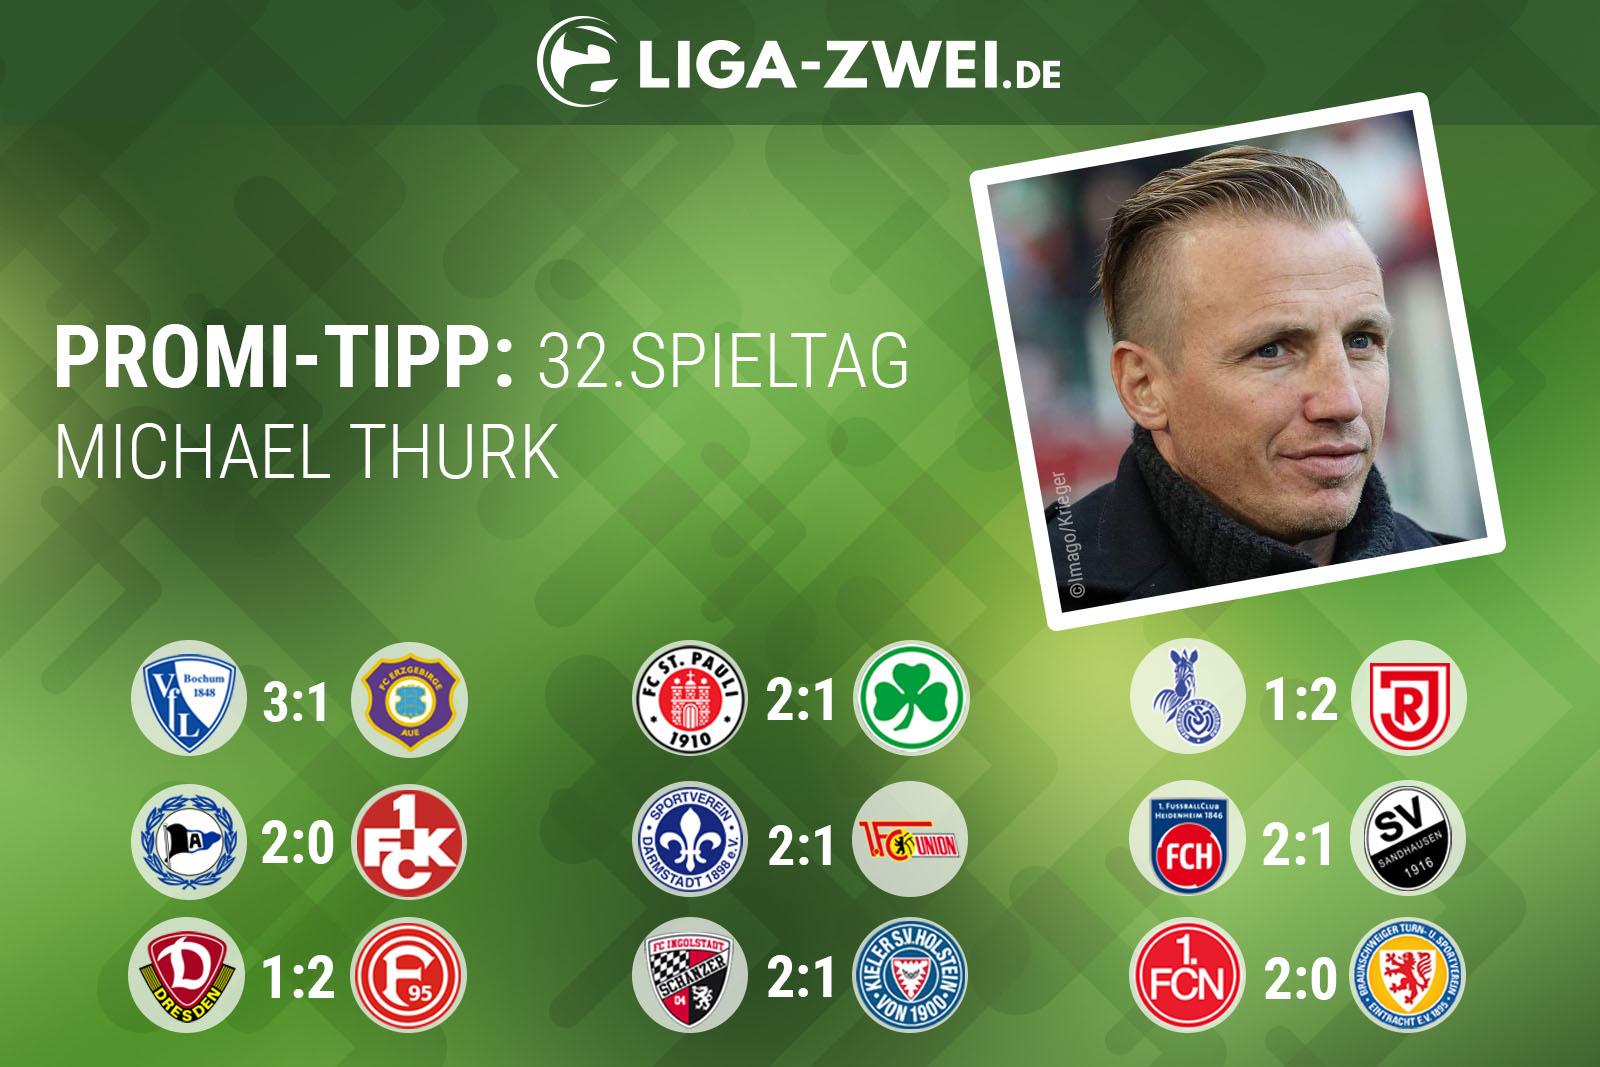 NMichael Thurk tippt den 32. Spieltag der 2. Bundesliga